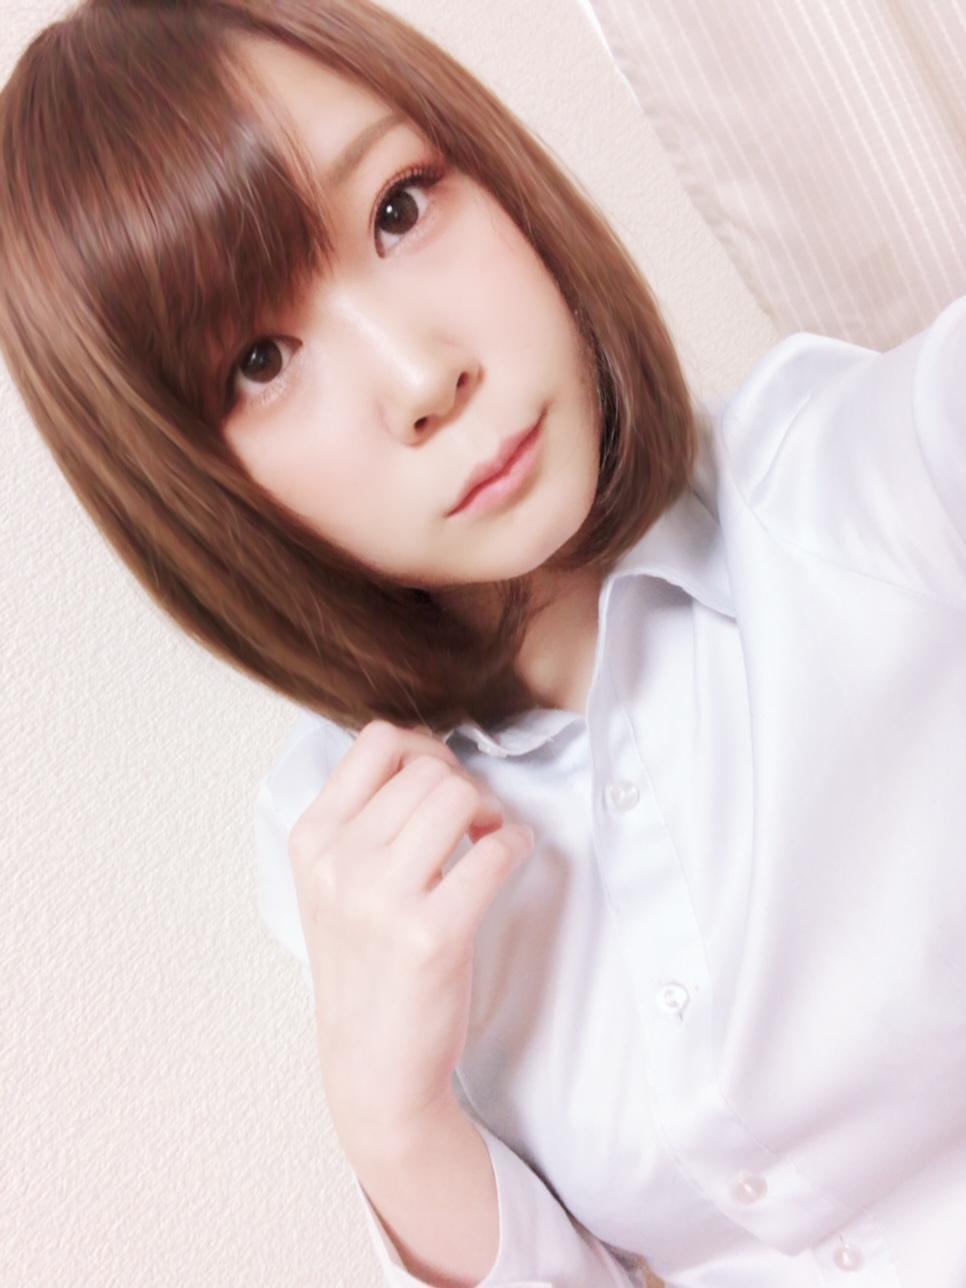 「おはようございます」12/04(12/04) 22:45 | みか☆極上エロ天使の写メ・風俗動画